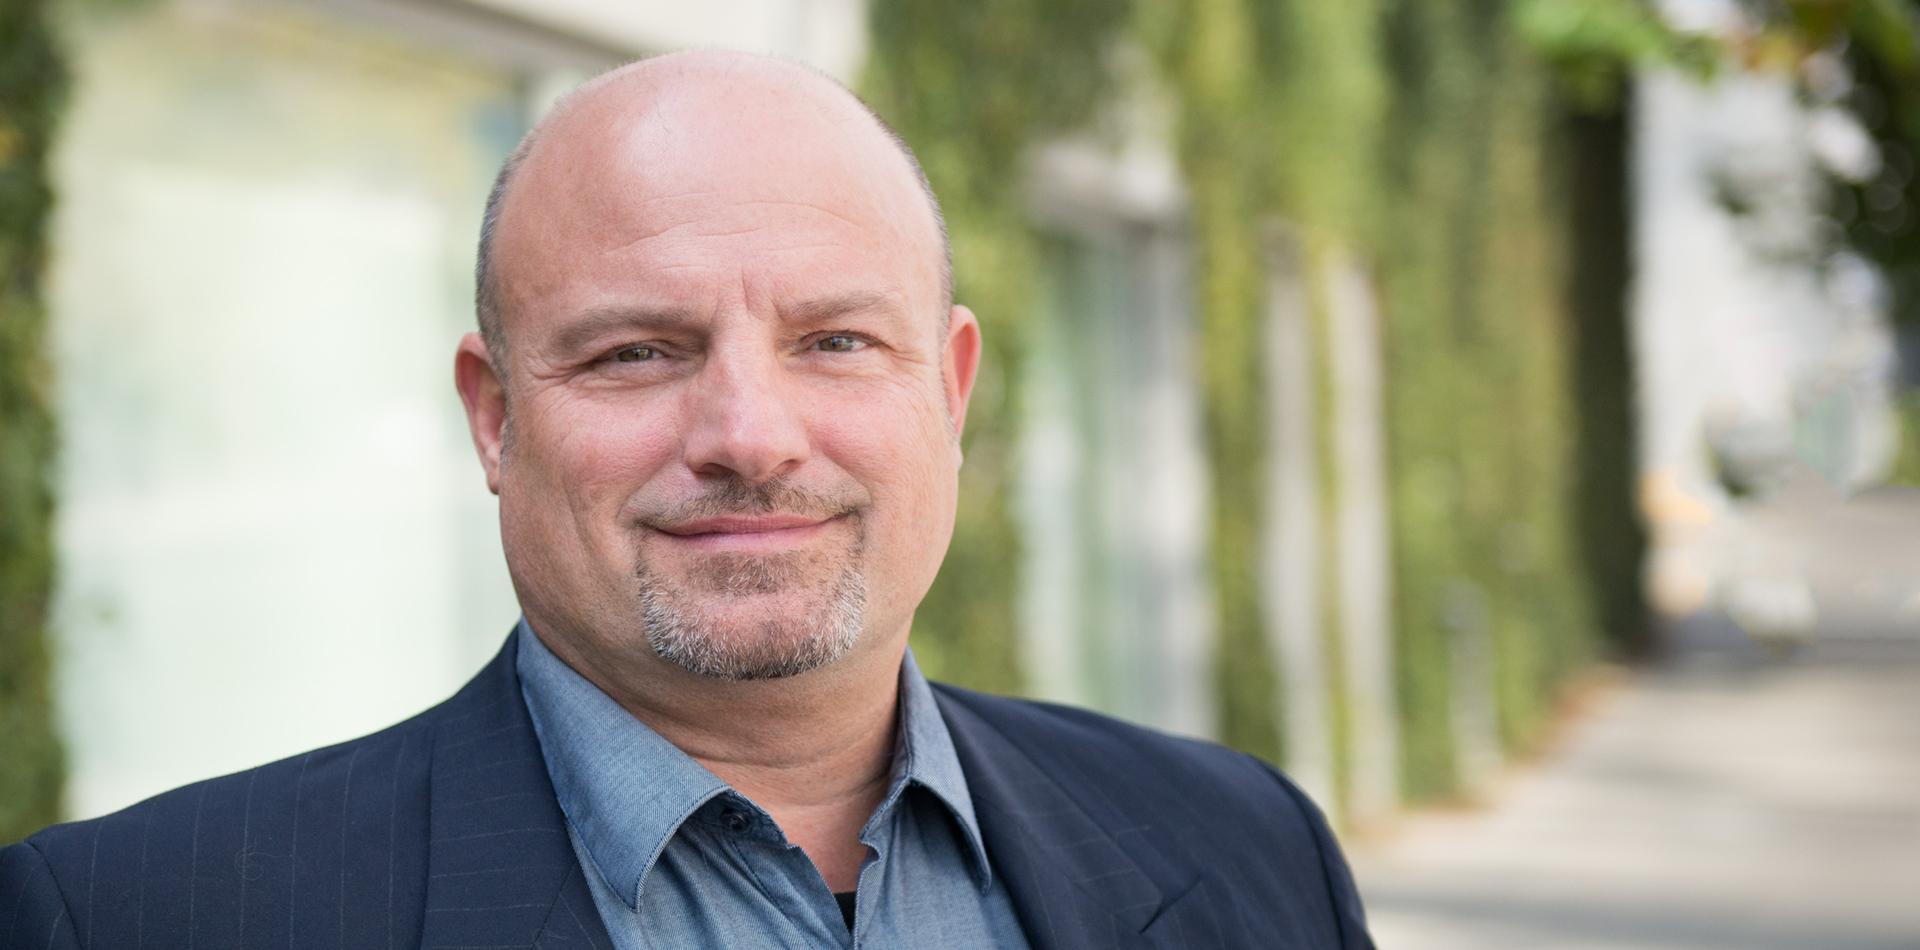 Chris Easter, LEED AP, CARB GHG Lead Verifier